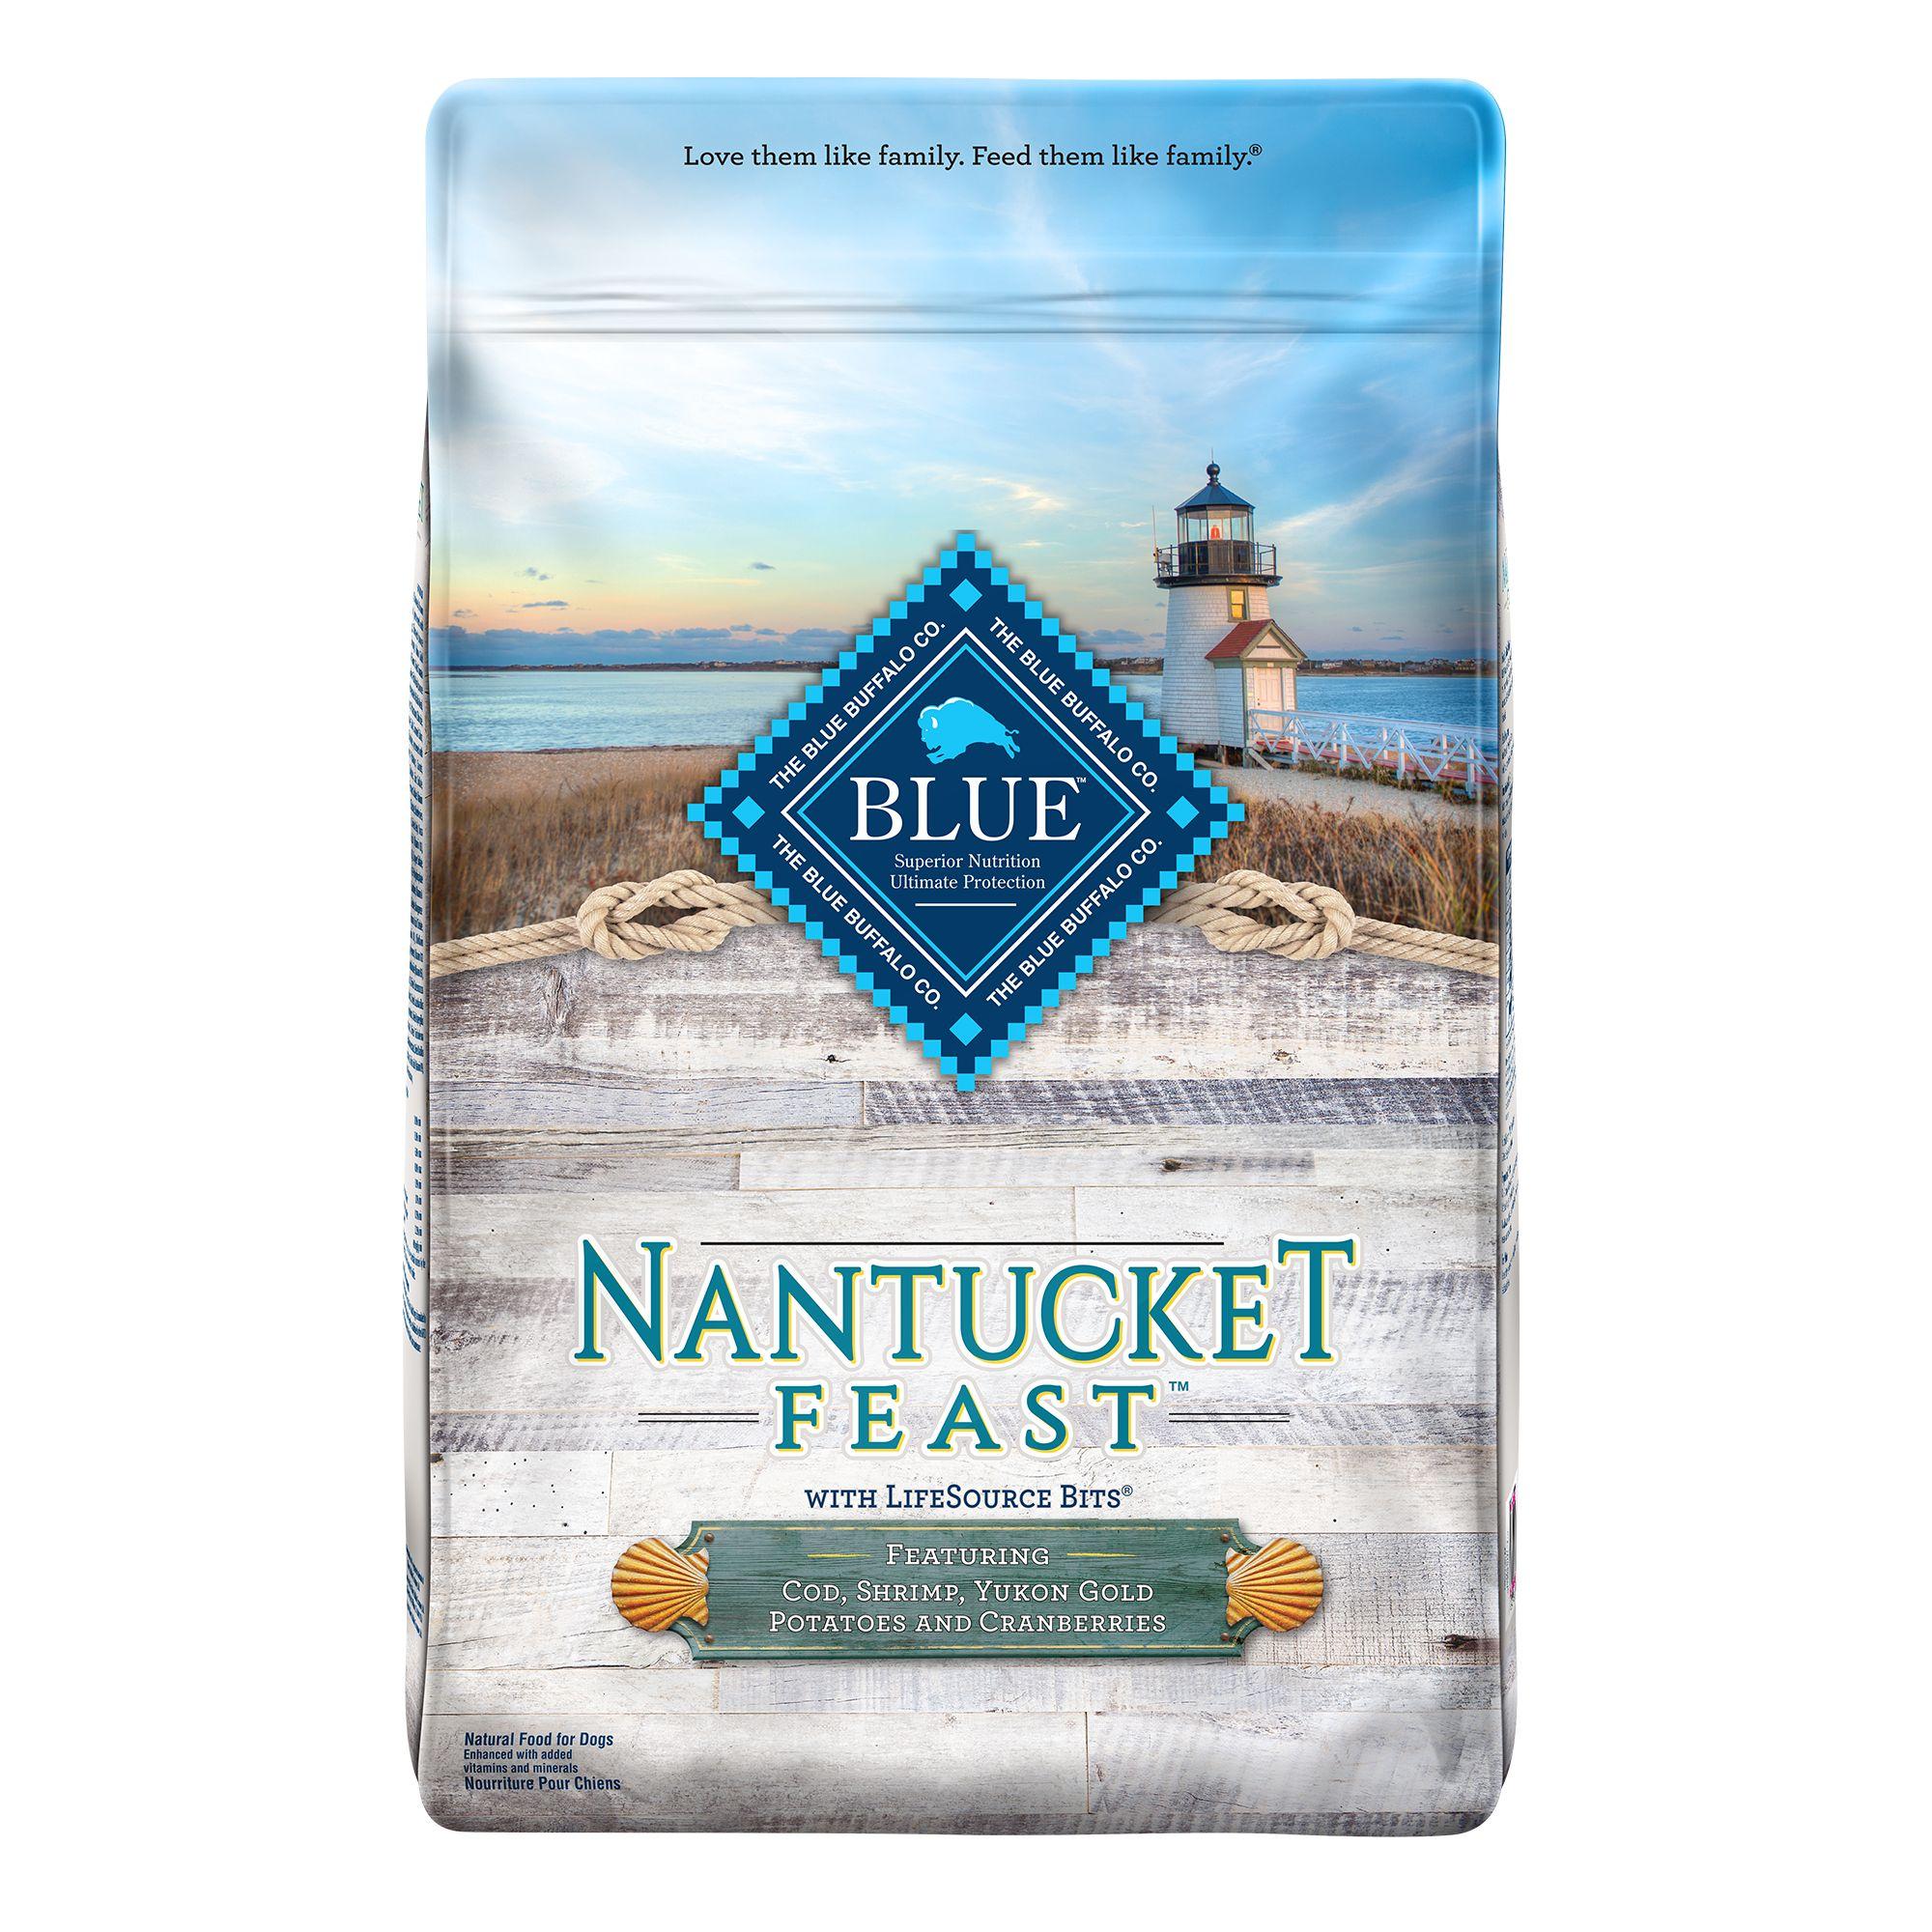 Blue Nantucket Feast Dog Food - Natural, Cod, Shrimp, Potatoes and Cranberries size: 22 Lb, Blue Buffalo, Cod, Shrimp, Yukon Gold Potatoes and Cranberries, Adult, Deboned Cod Fish 5268959